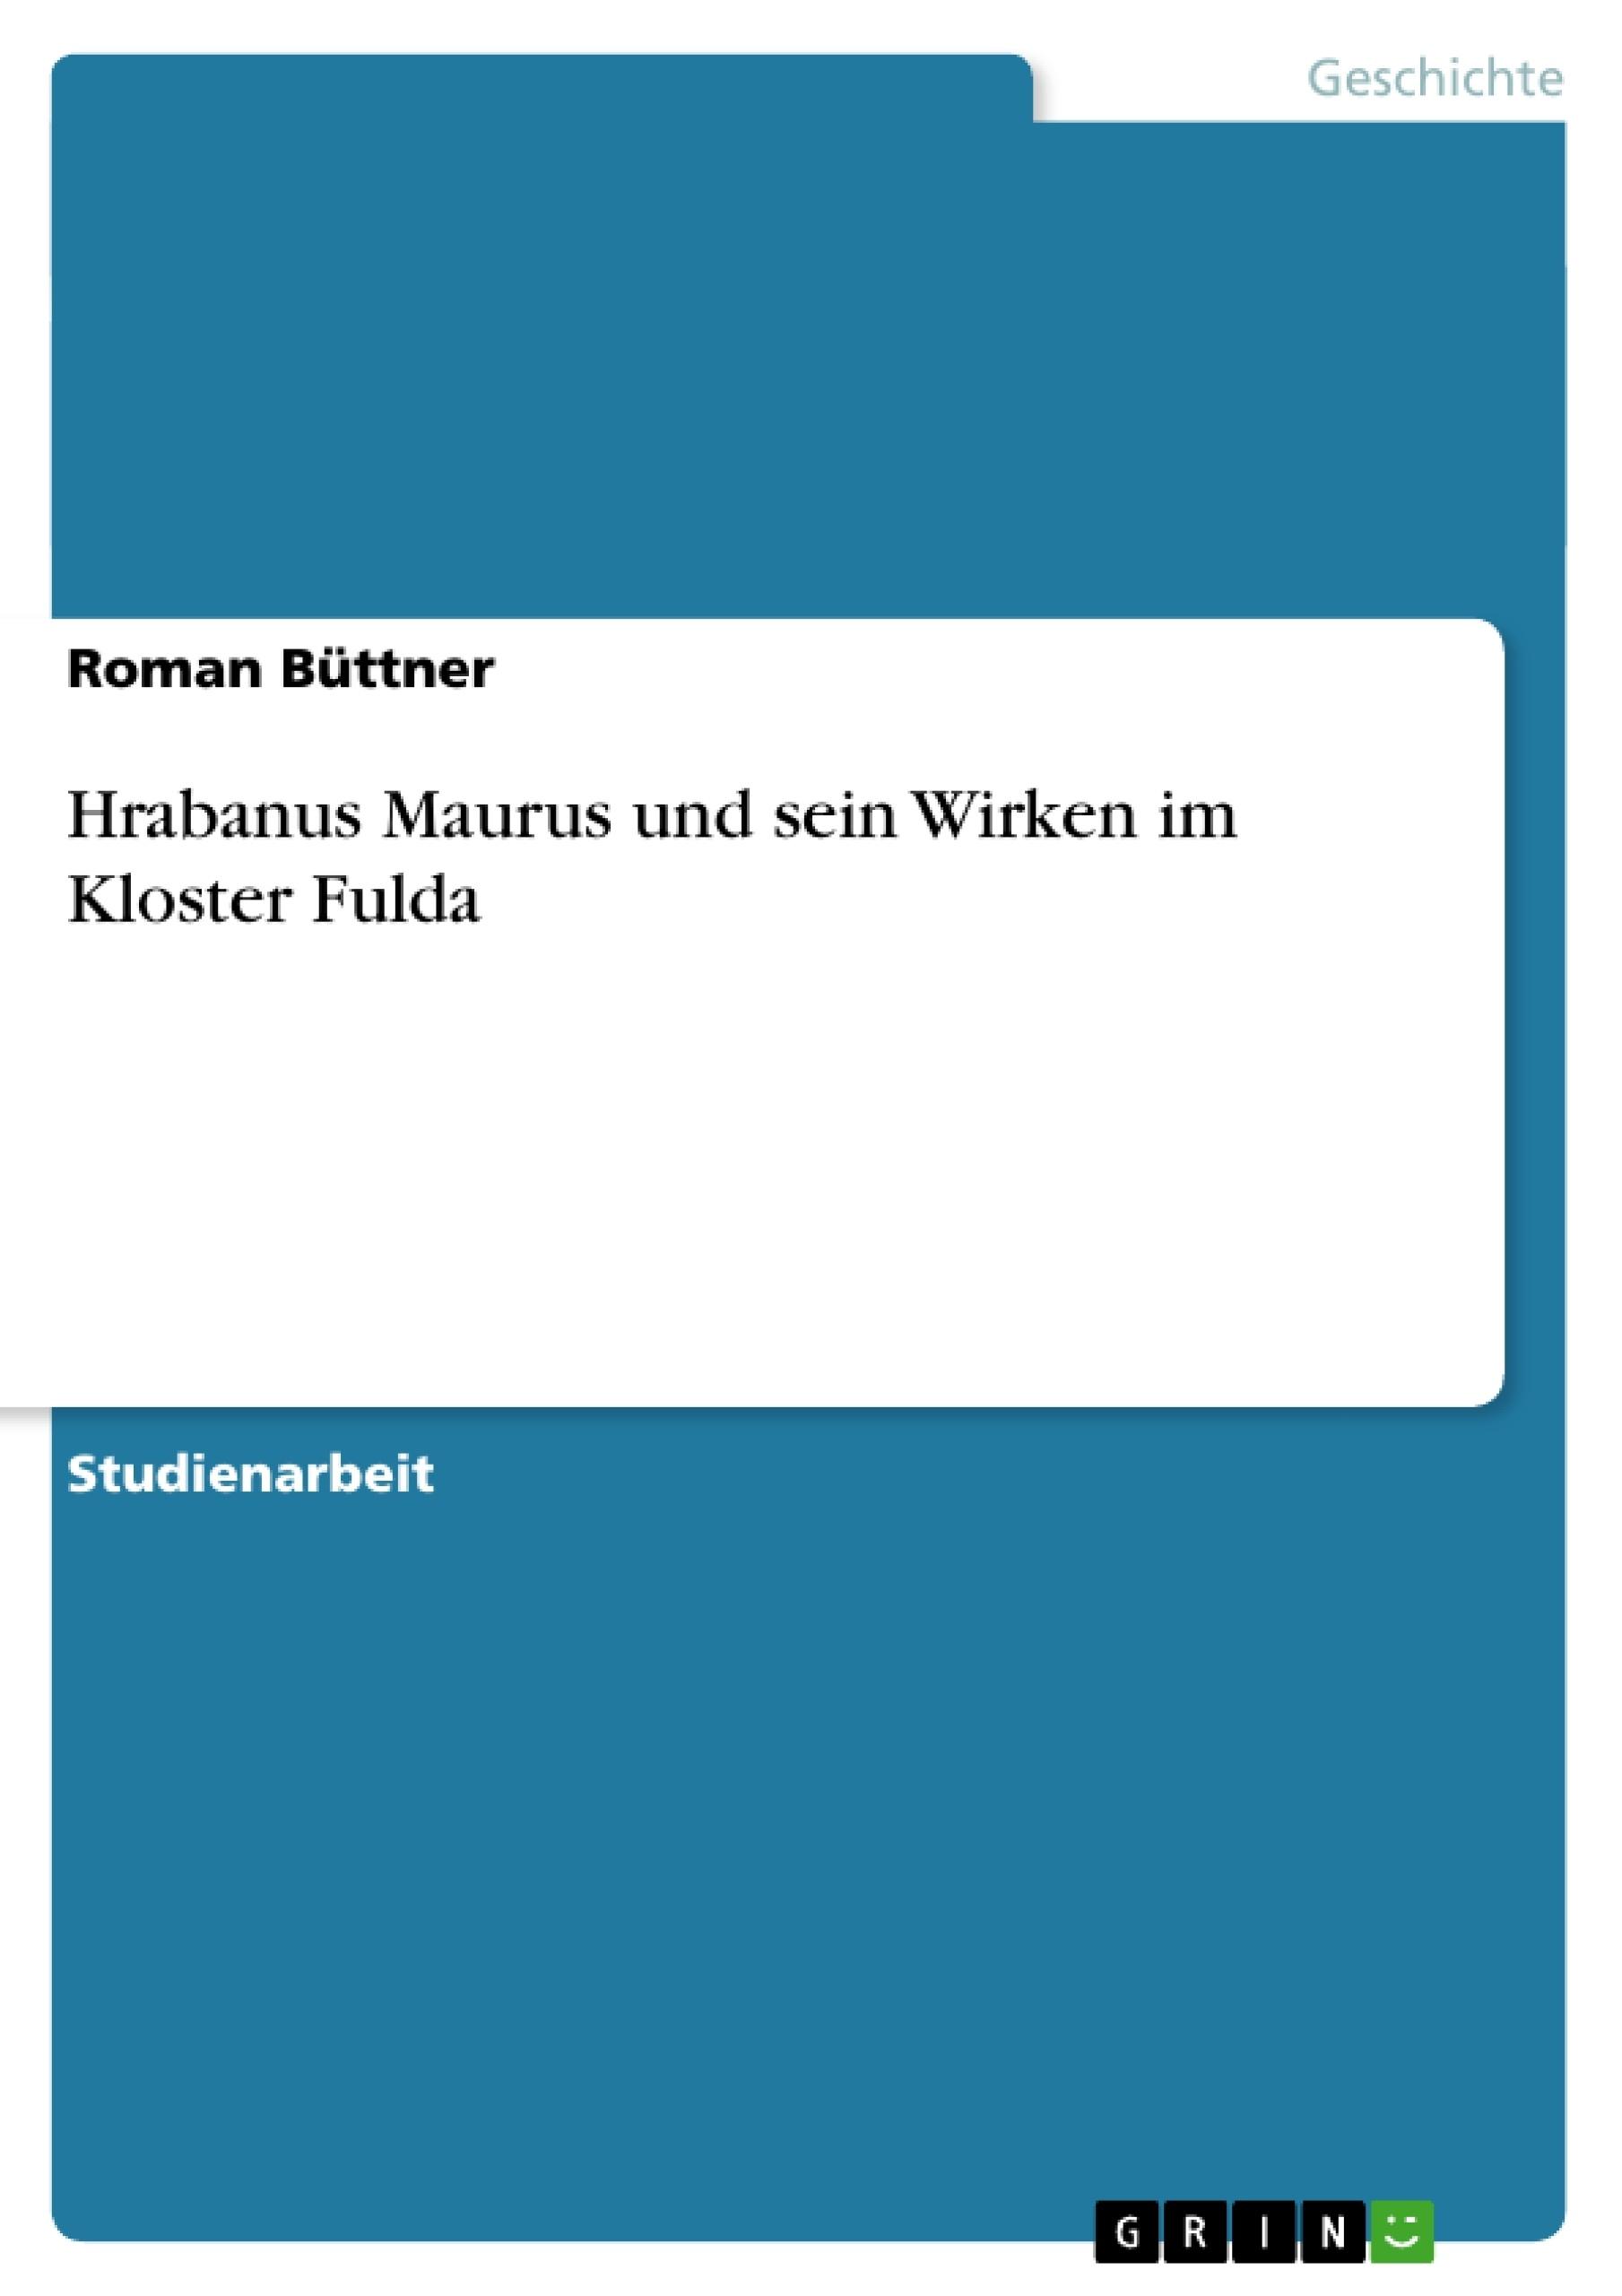 Titel: Hrabanus Maurus und sein Wirken im Kloster Fulda